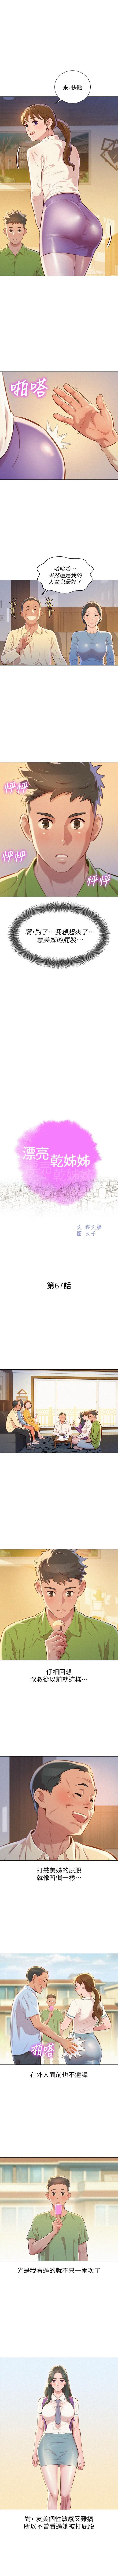 (周7)漂亮干姐姐  1-81 中文翻译 (更新中) 360